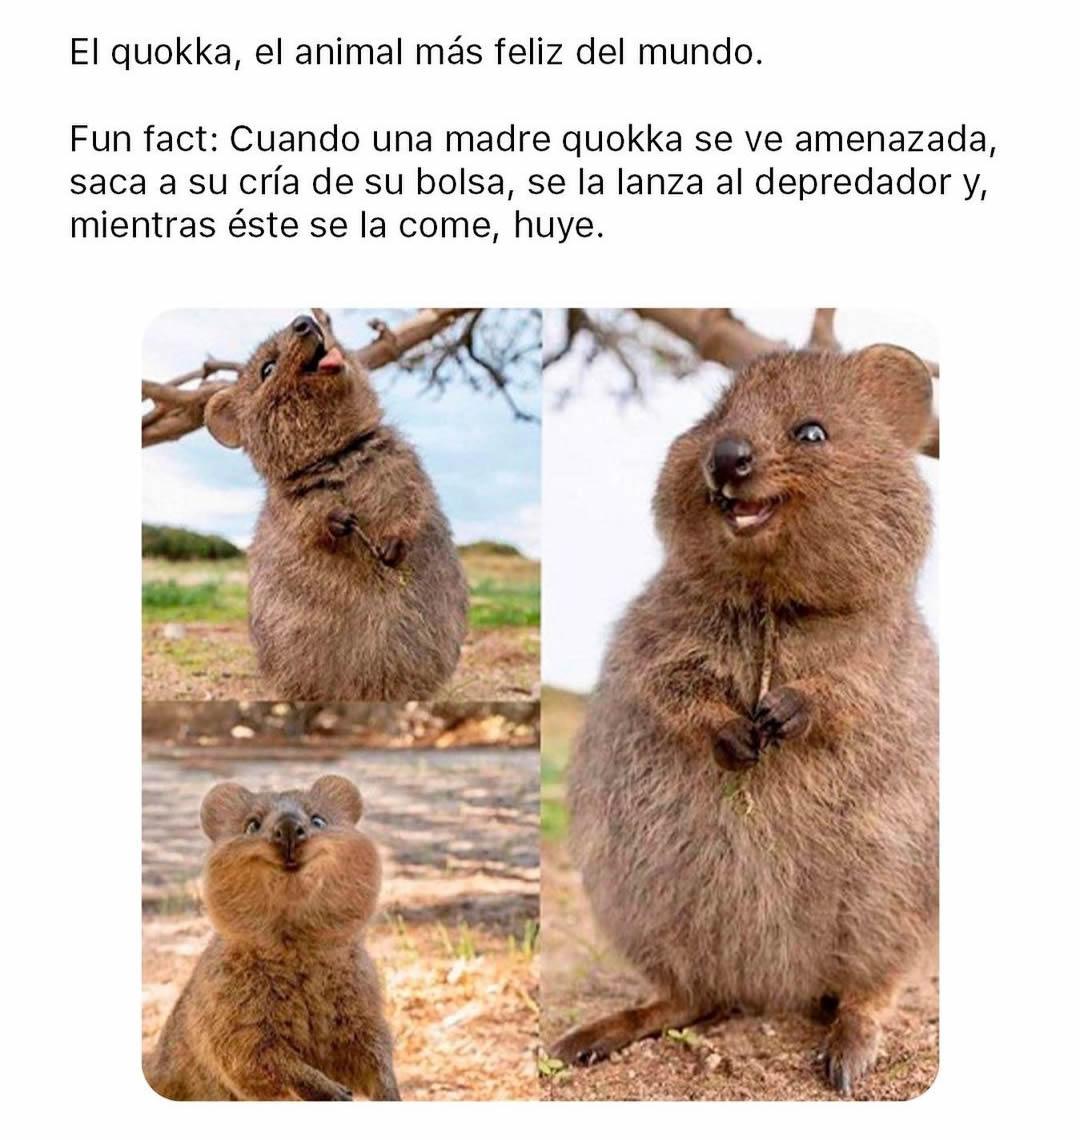 El quokka, el animal más feliz del mundo. Fun fact: Cuando una madre quokka se ve amenazada, saca a su cría de su bolsa, se la lanza al depredador y, mientras éste se la come, huye.